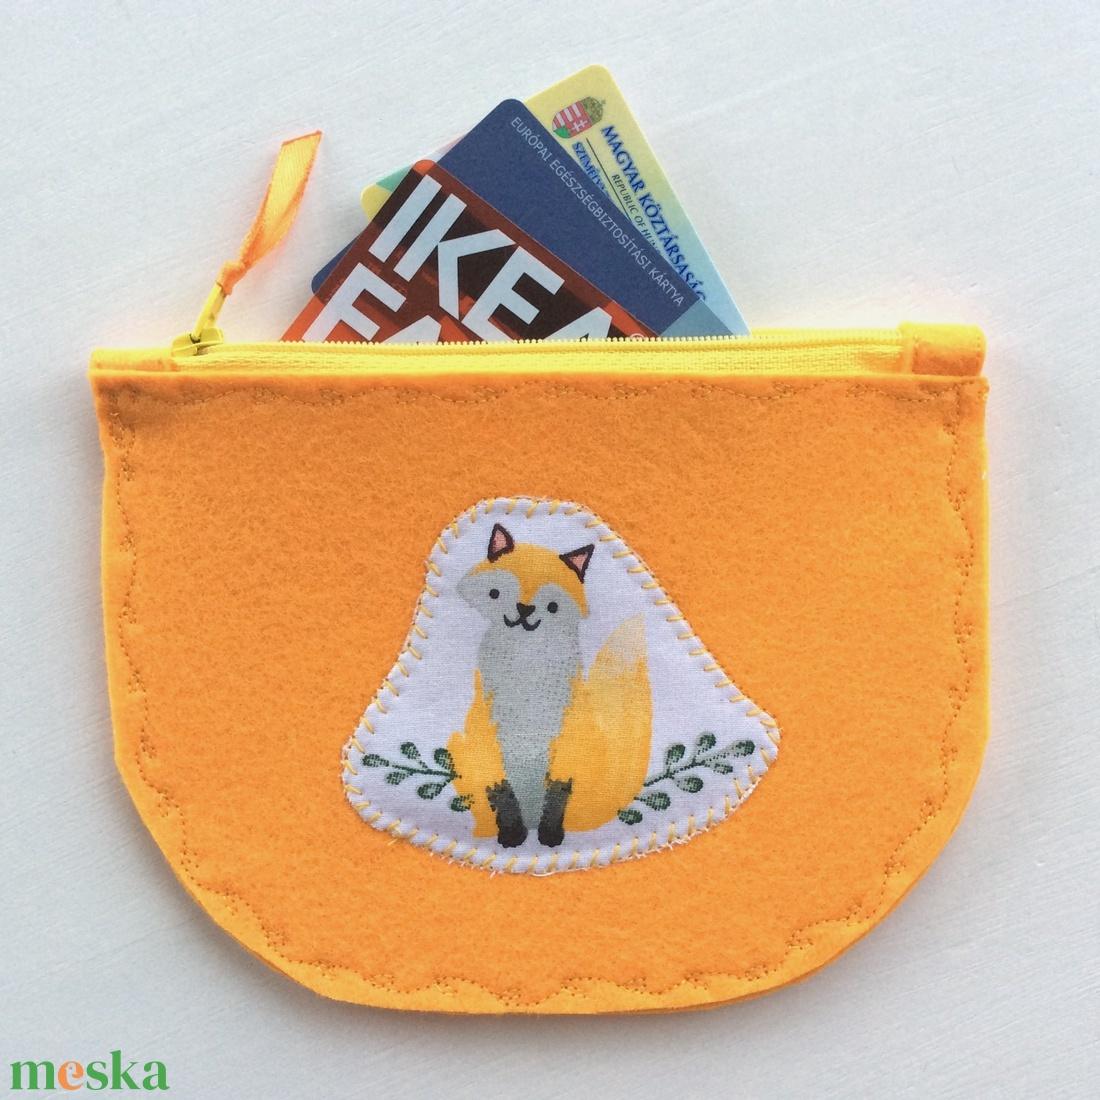 AKCIÓ - Mosolygó róka mintás narancssárga pénztárca szütyő - Artiroka design - táska & tok - pénztárca & más tok - kártyatartó & irattartó - Meska.hu